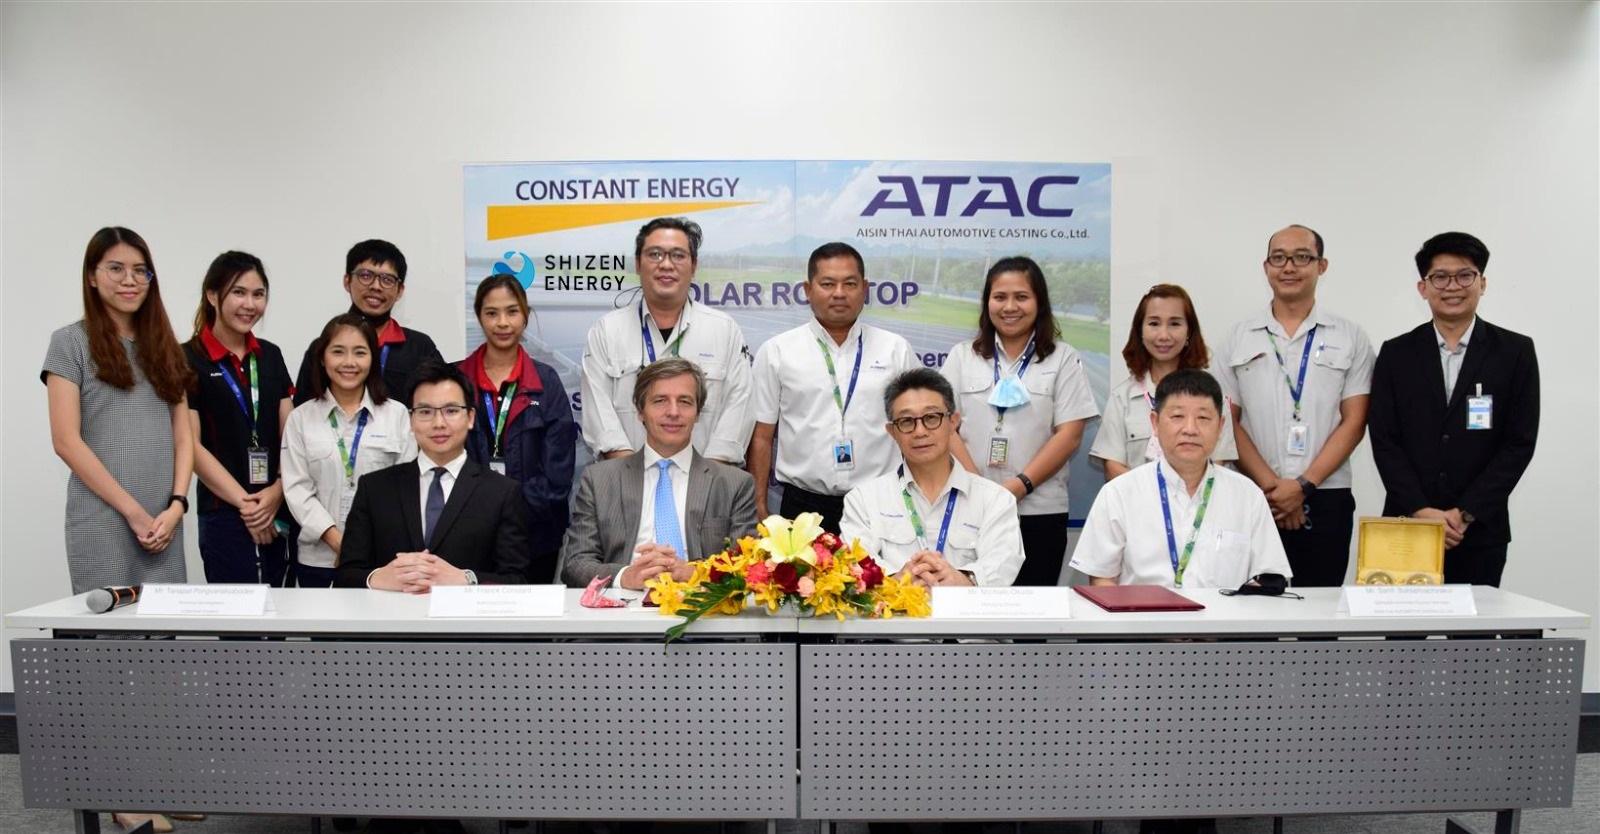 自然電力とConstant Energy、アイシングループ タイ現地法人との初のコーポレートPPA契約を締結